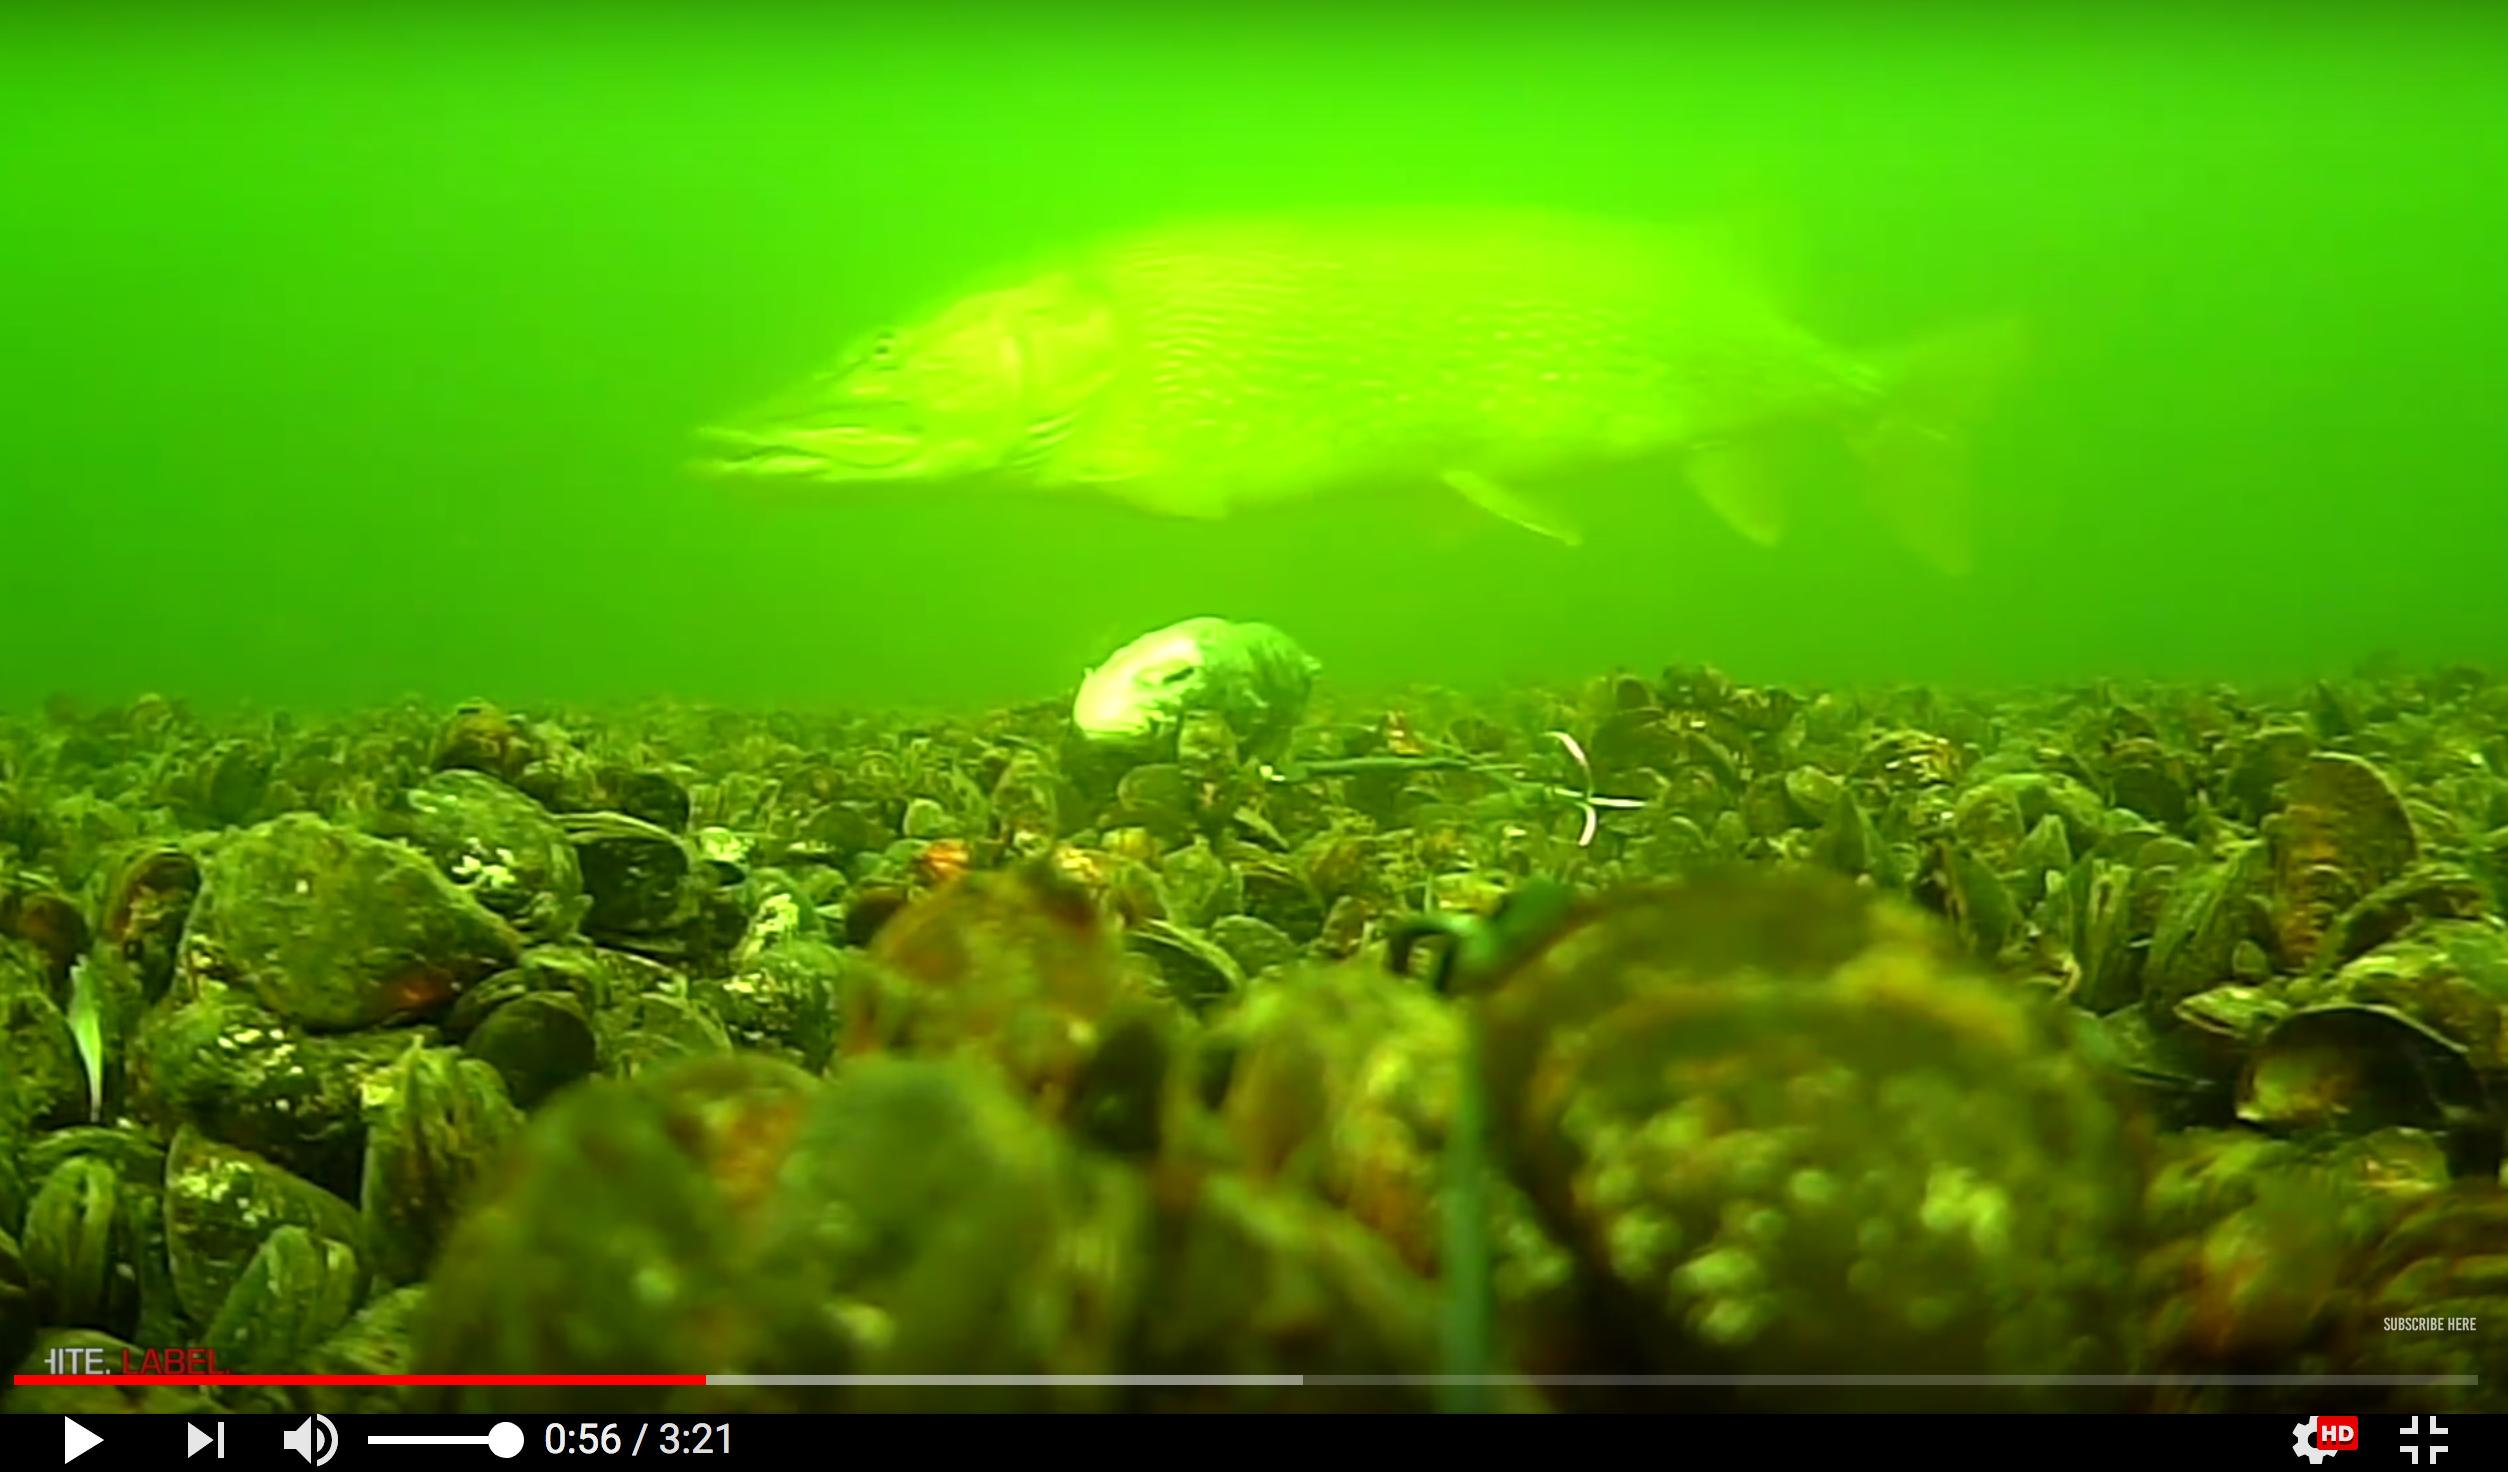 Gädda på 20300 g – Hugget videofilmades under vattnet!